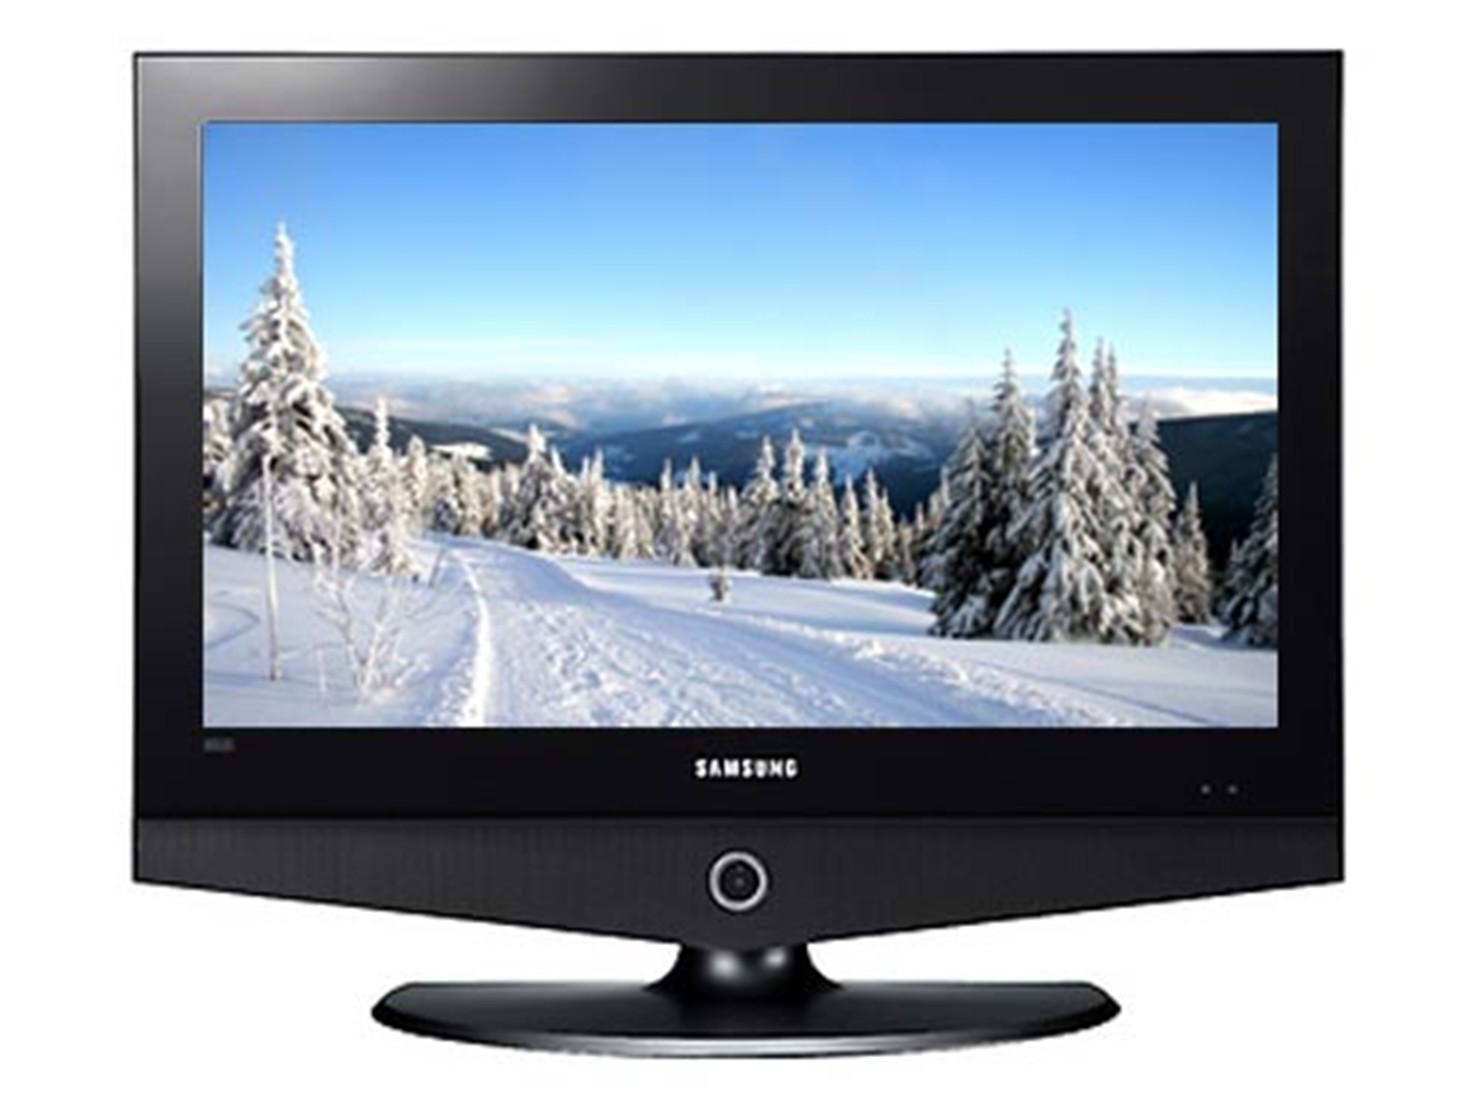 7lcd Tv Monitor Samsung 32 Inca Hdmivgascart 64109705 Vga To Scart Lcd